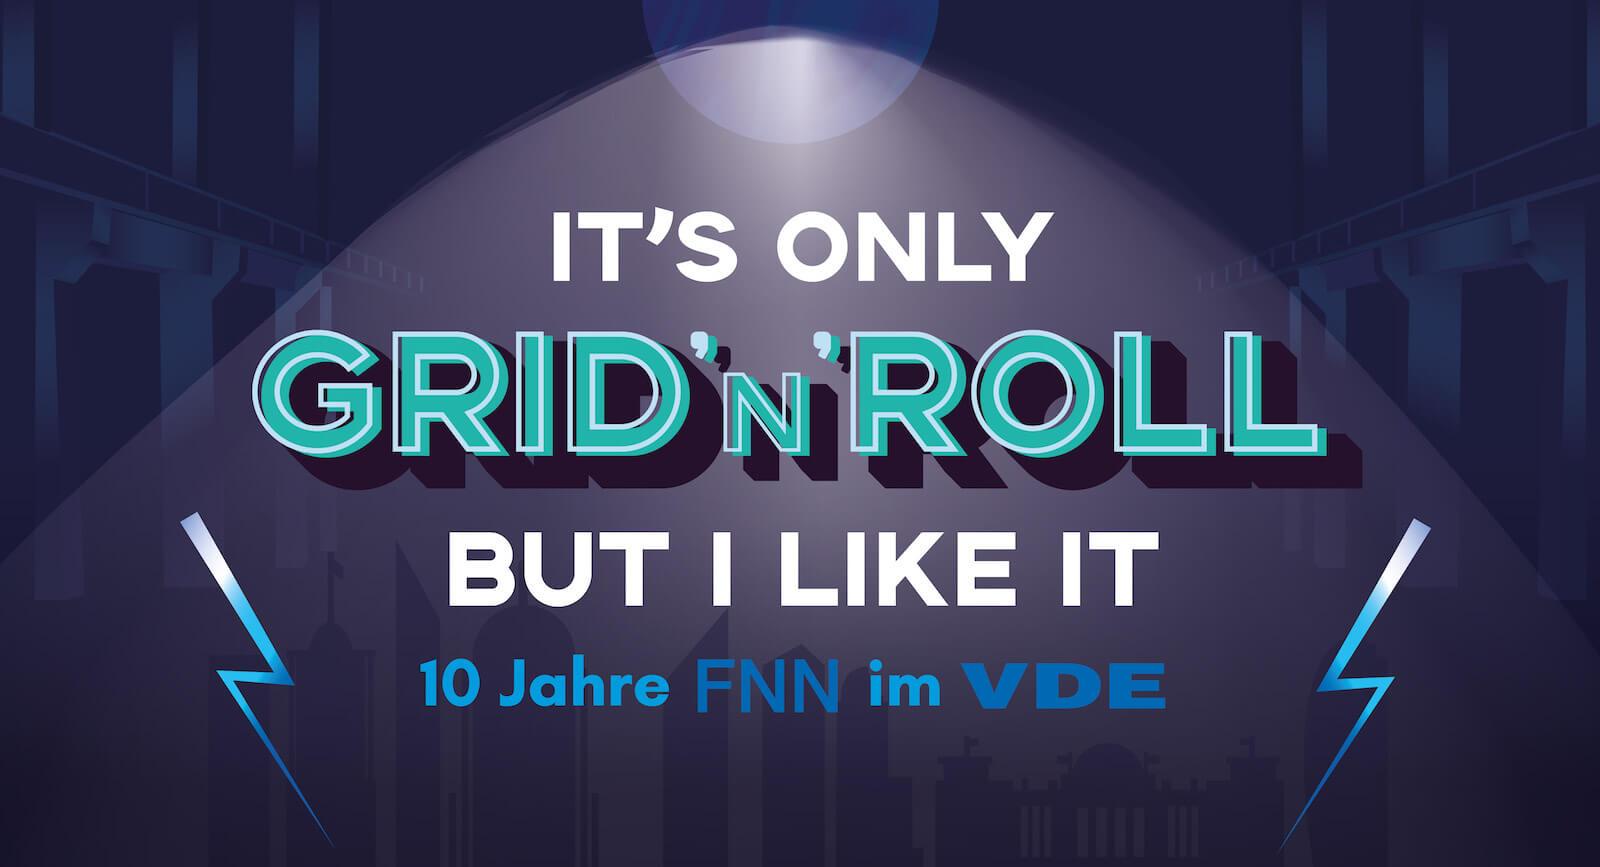 GRID 'N' ROLL | 10 Jahre FNN im VDE